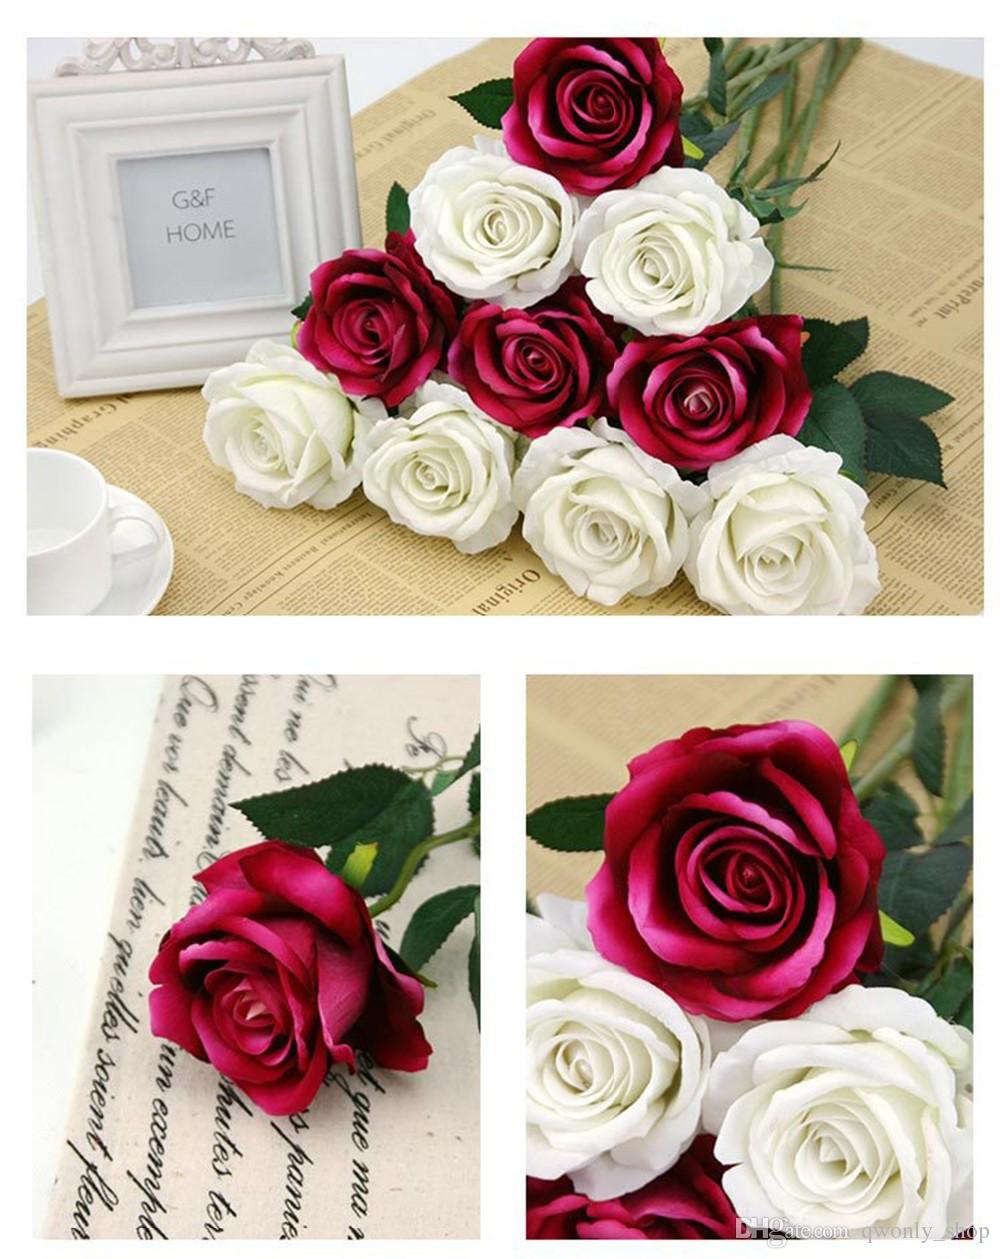 Rote Rose in der Flanell-künstlichen Blume für Hochzeits-Dekorations-dekorative Blumen-Kranz-Anzeigen-Blume an der Wand befestigt